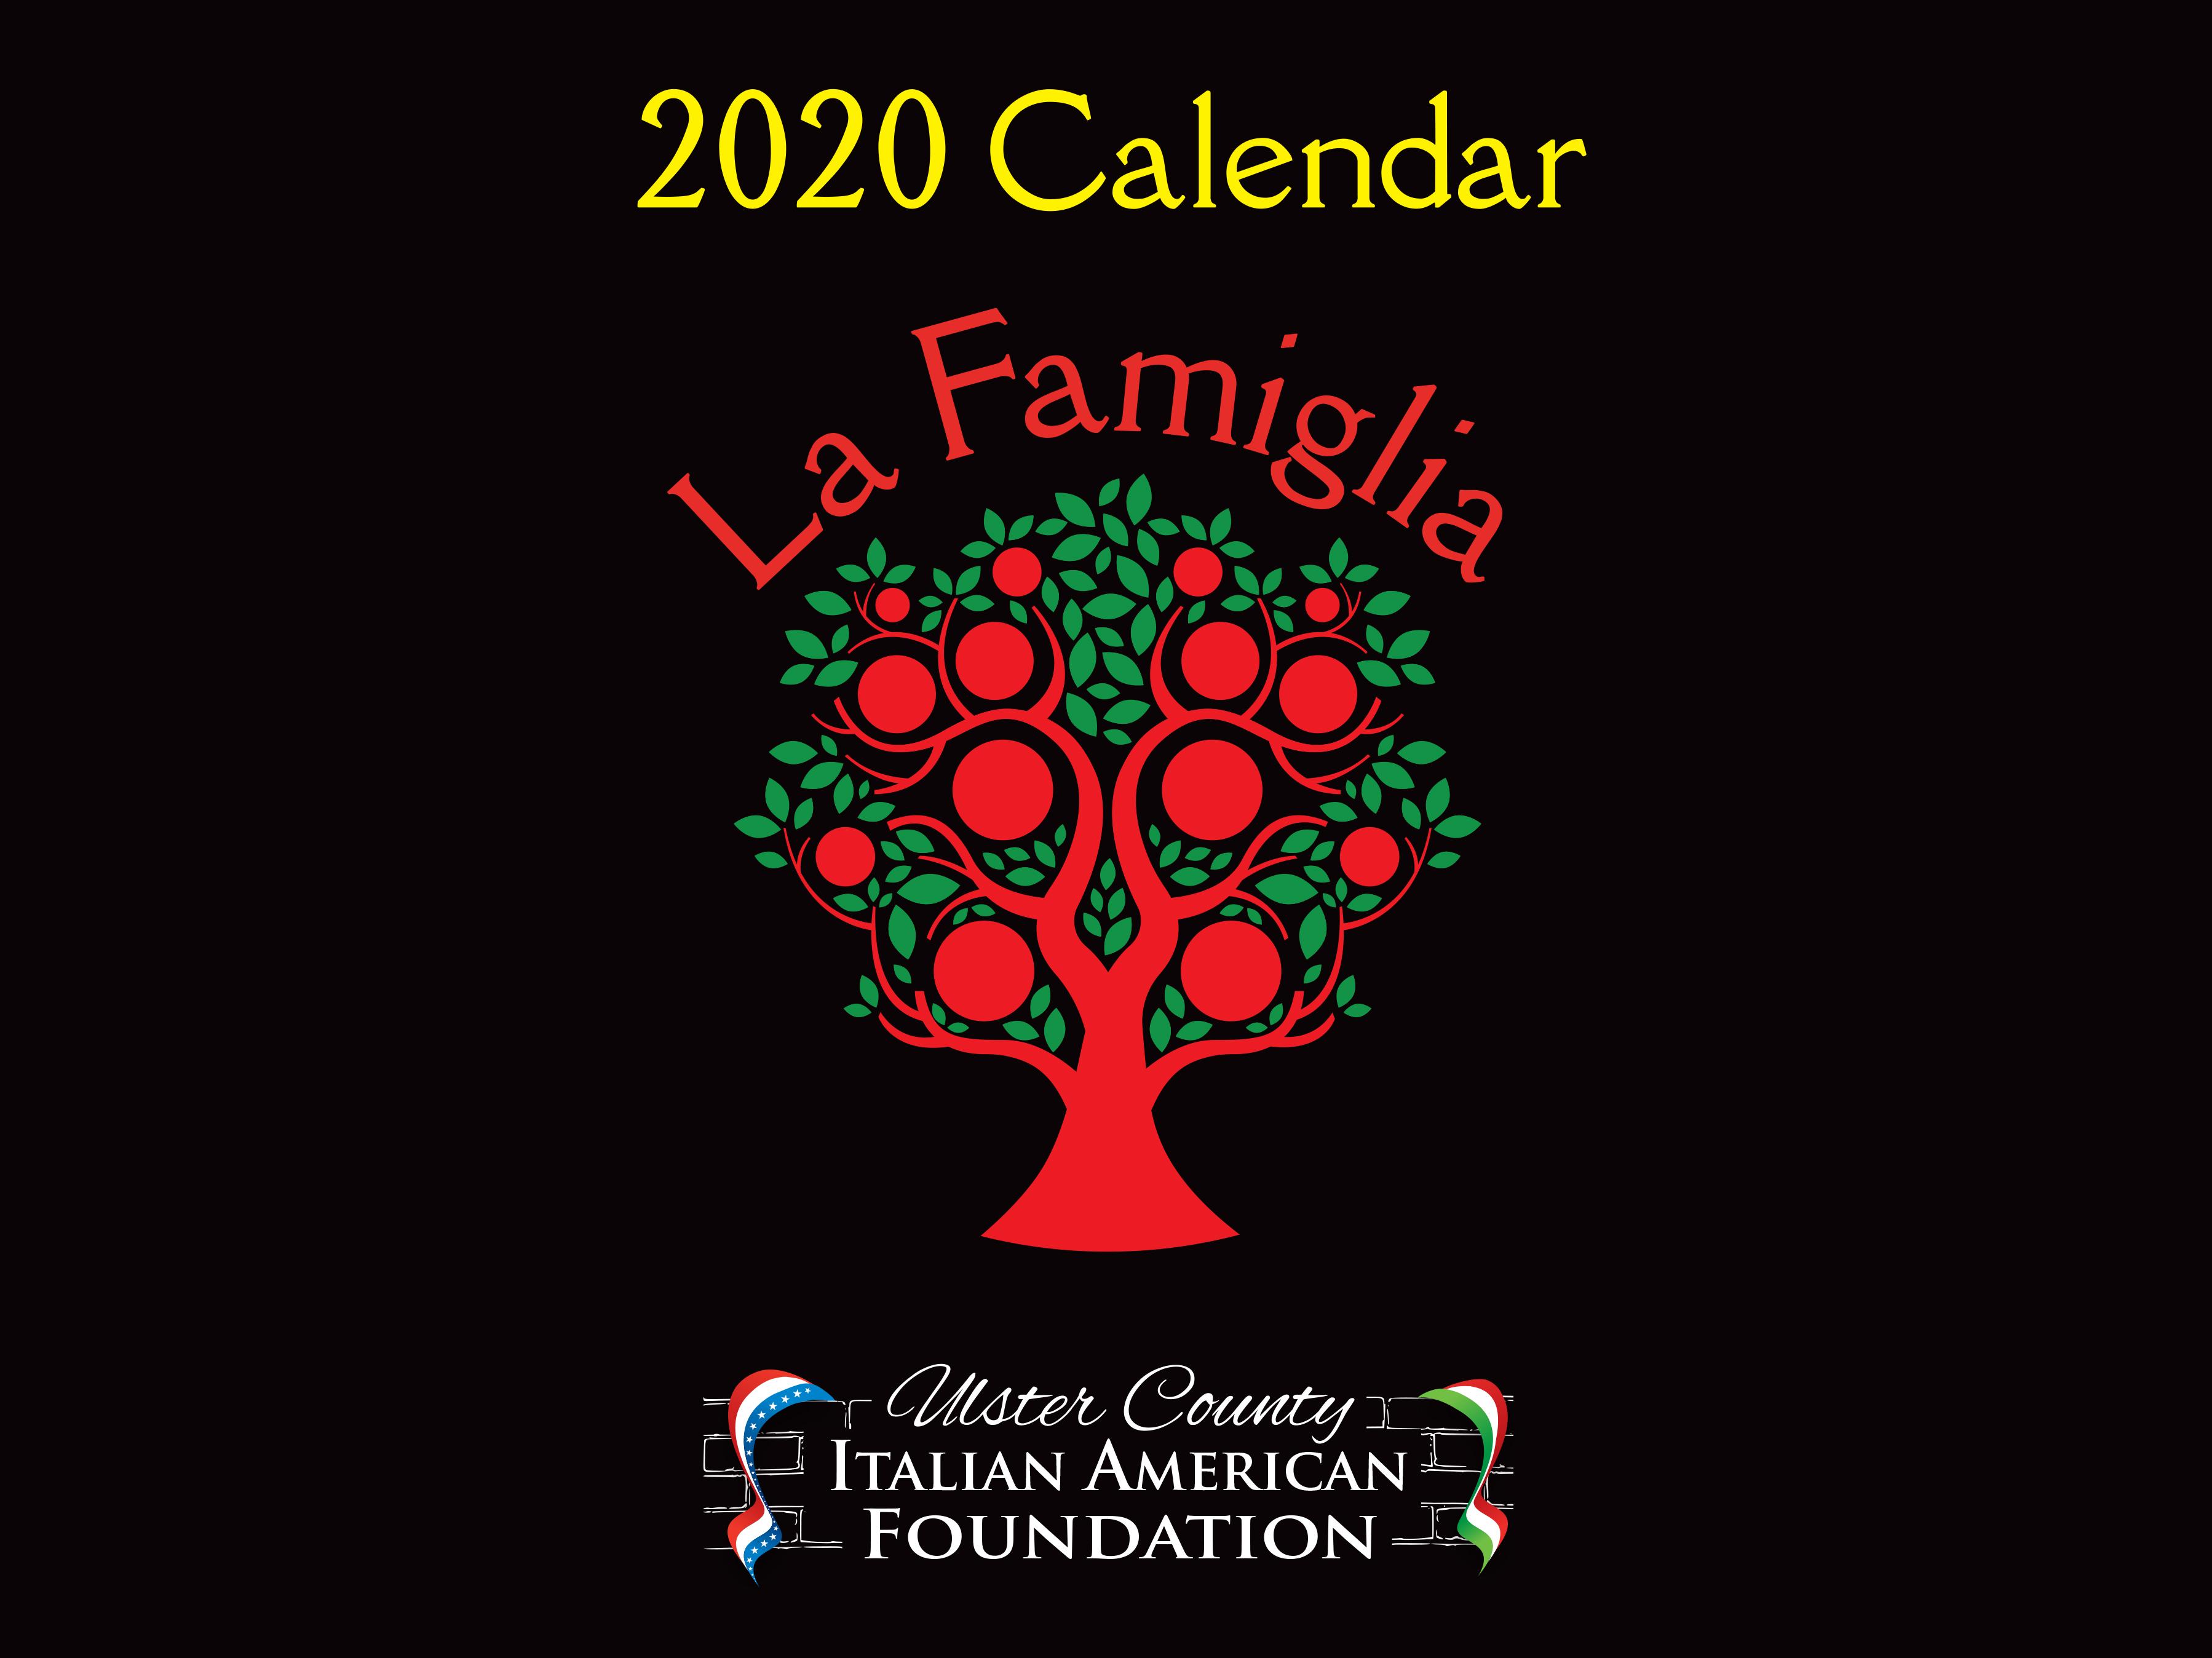 82290 UCIAF Calendar 2020_cover_V2.1_final-1